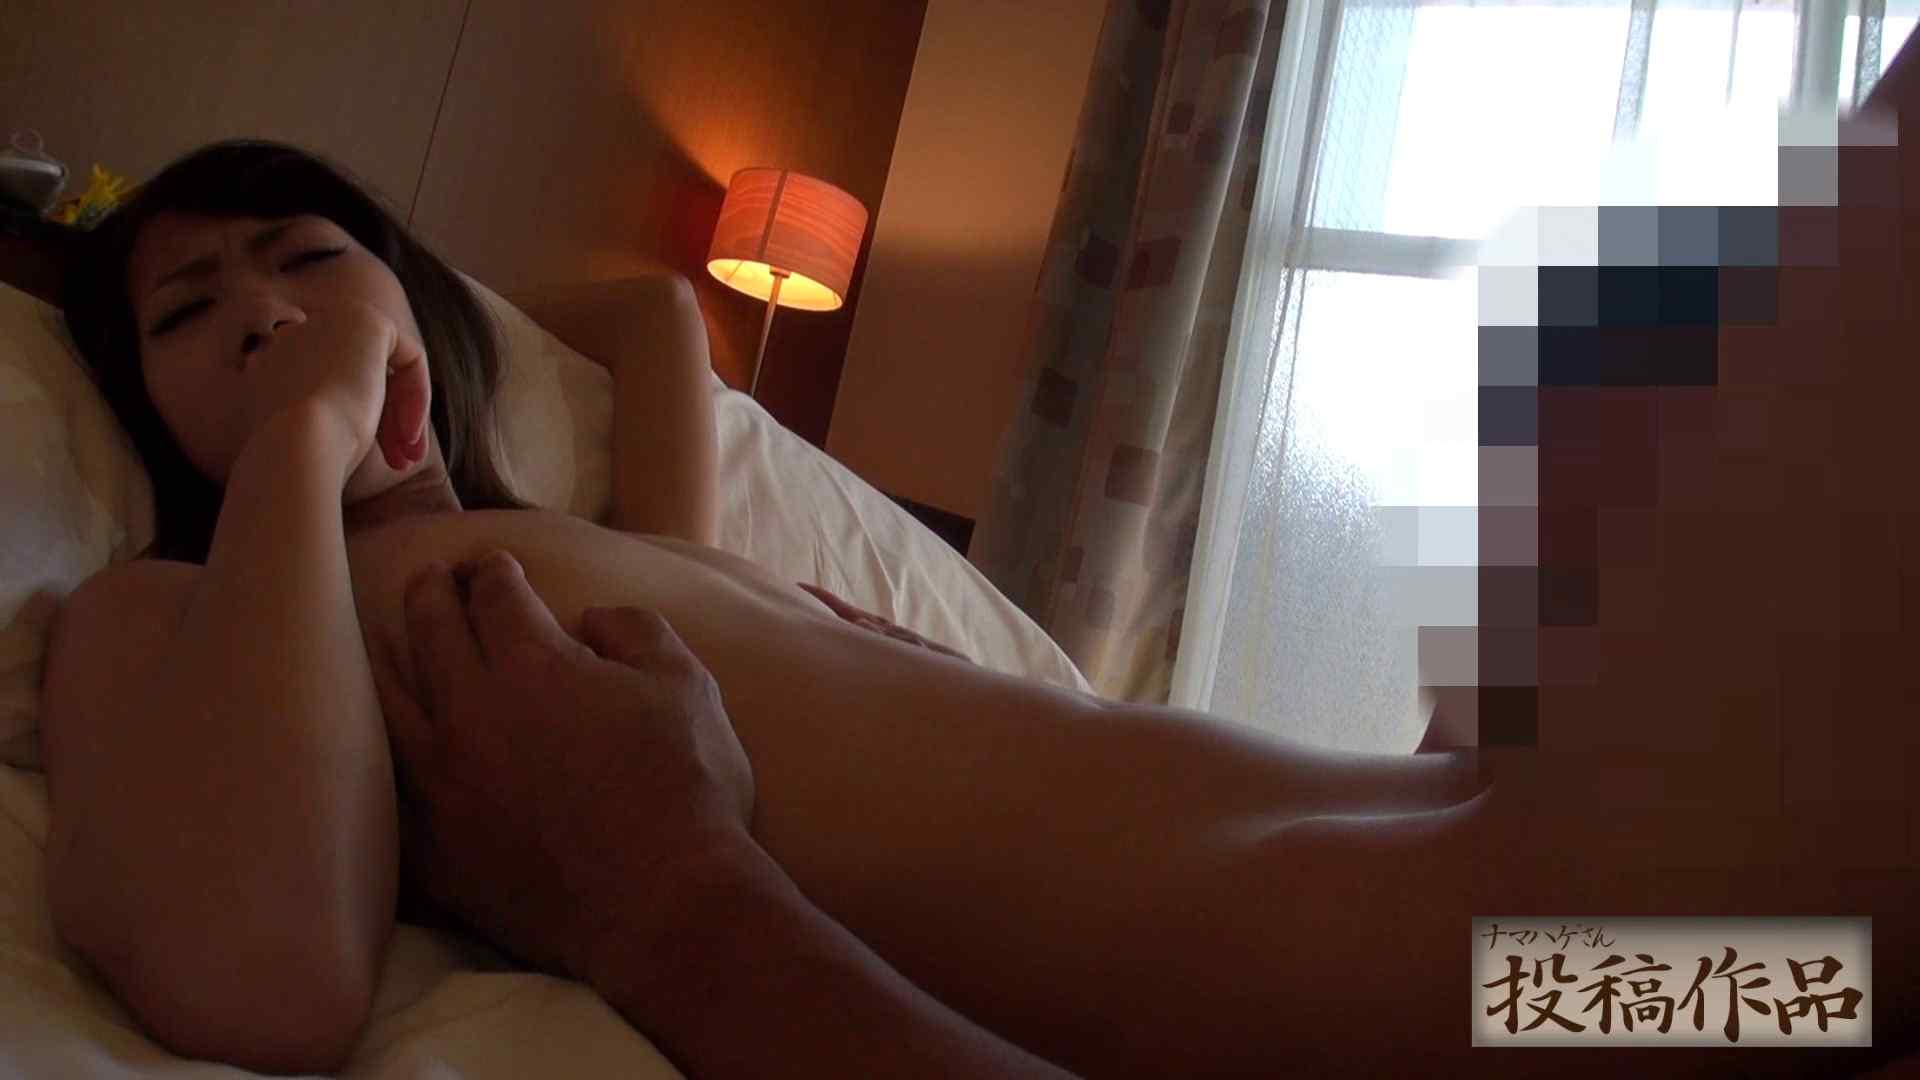 ナマハゲさんのまんこコレクション第二章 ayumi02 SEX映像 | 美しいOLの裸体  103pic 49